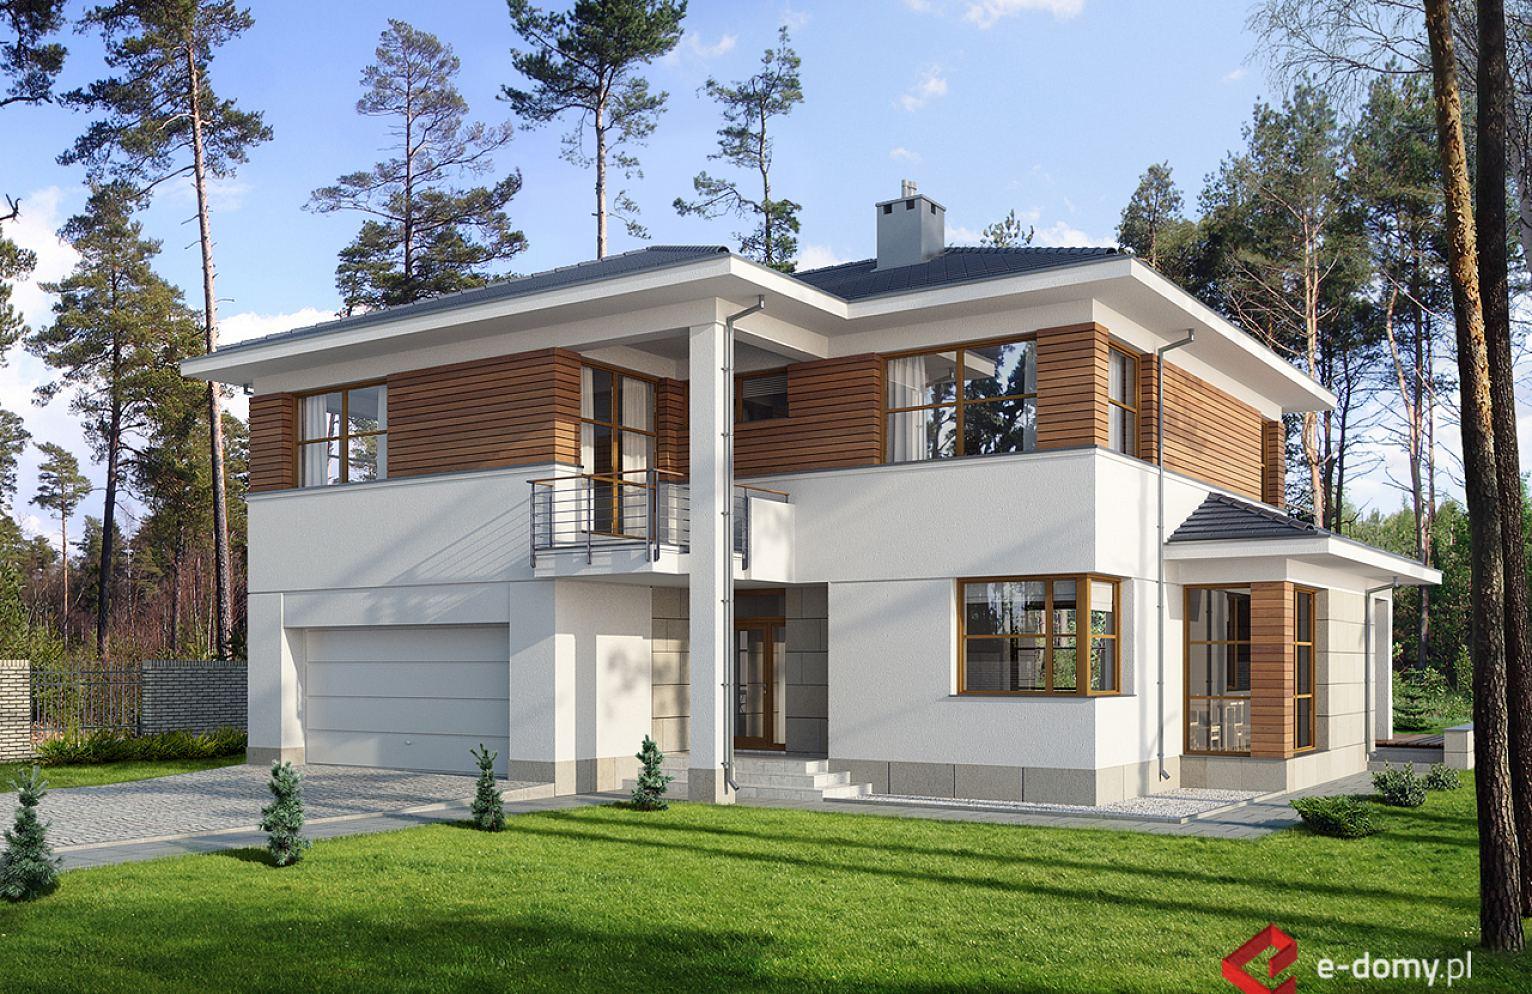 E 106 Dom Piętrowy Rezydencja E Domypl Projekty Domów